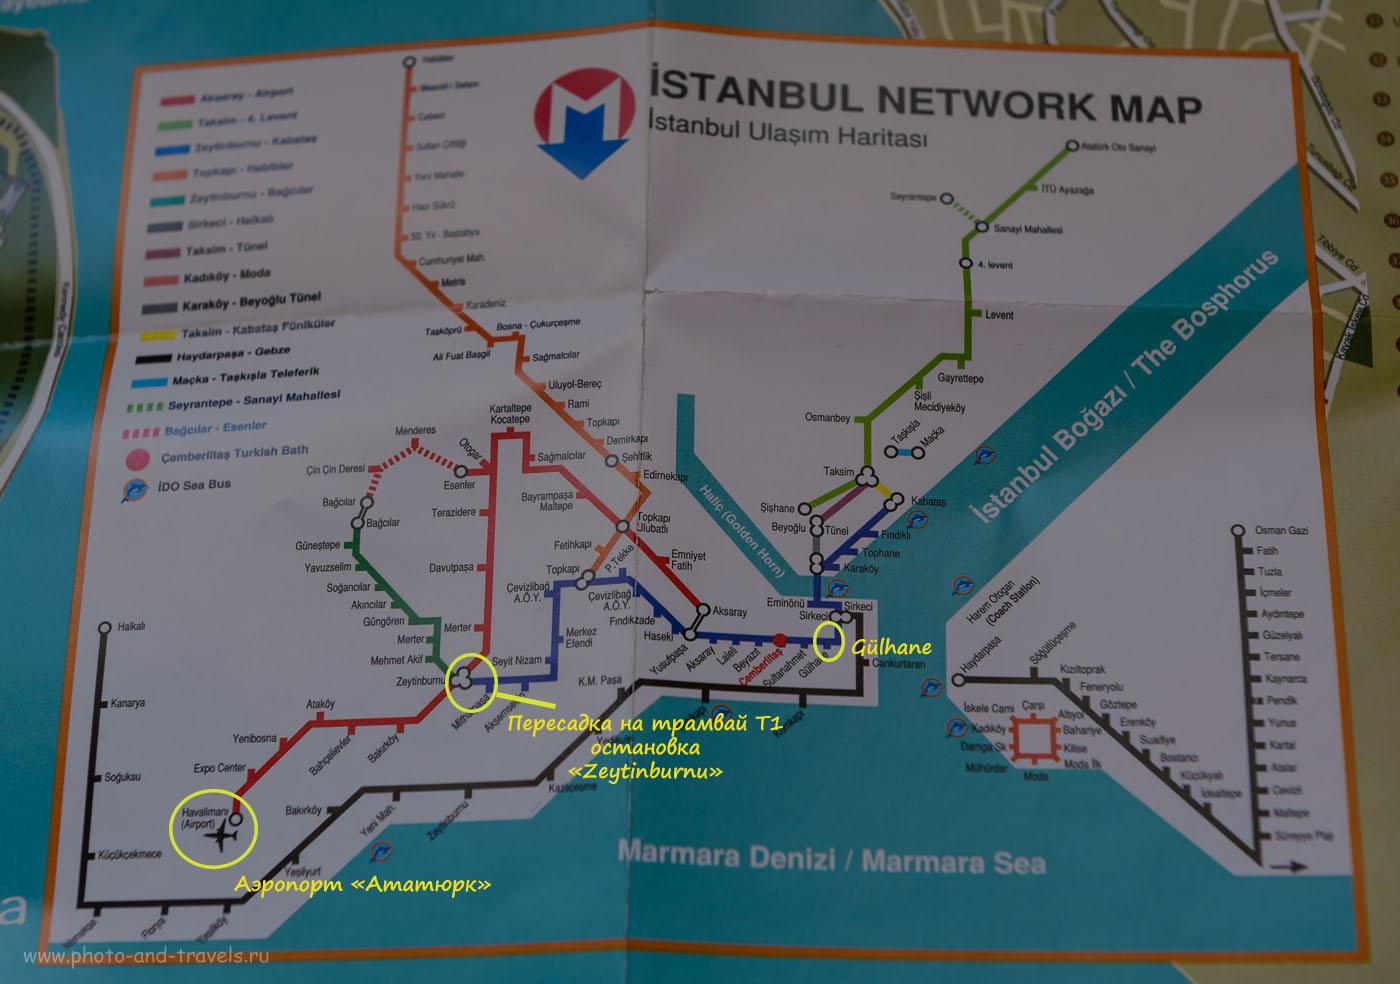 2. Схема метро и карта трамвайных маршрутов Стамбула. Как добраться из аэропорта в центр на общественном транспорте. Как доехать из старого города в İstanbulAtatürk Havalimanı. Путешествие в Турцию самостоятельно.